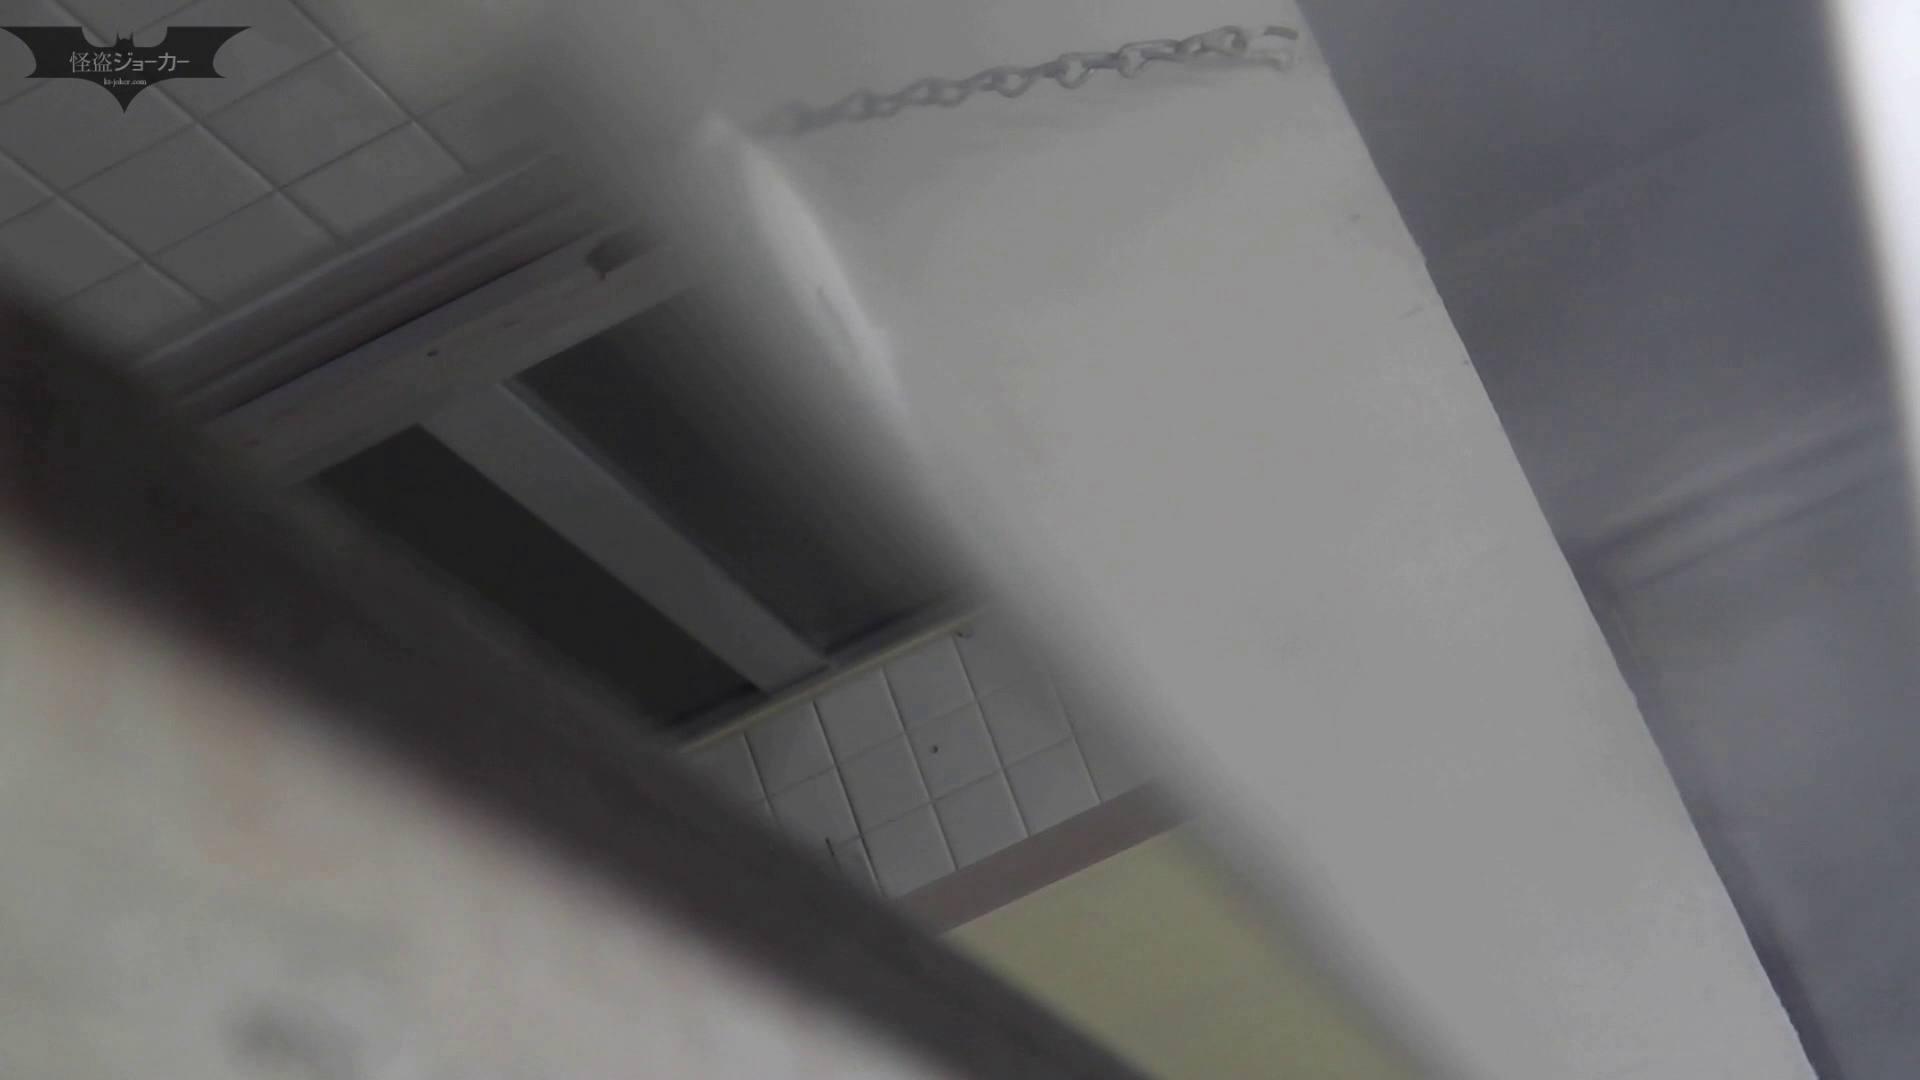 洗面所特攻隊 vol.54 パーマーかけたようなアンダーヘアー 盛合せ  110PIX 72